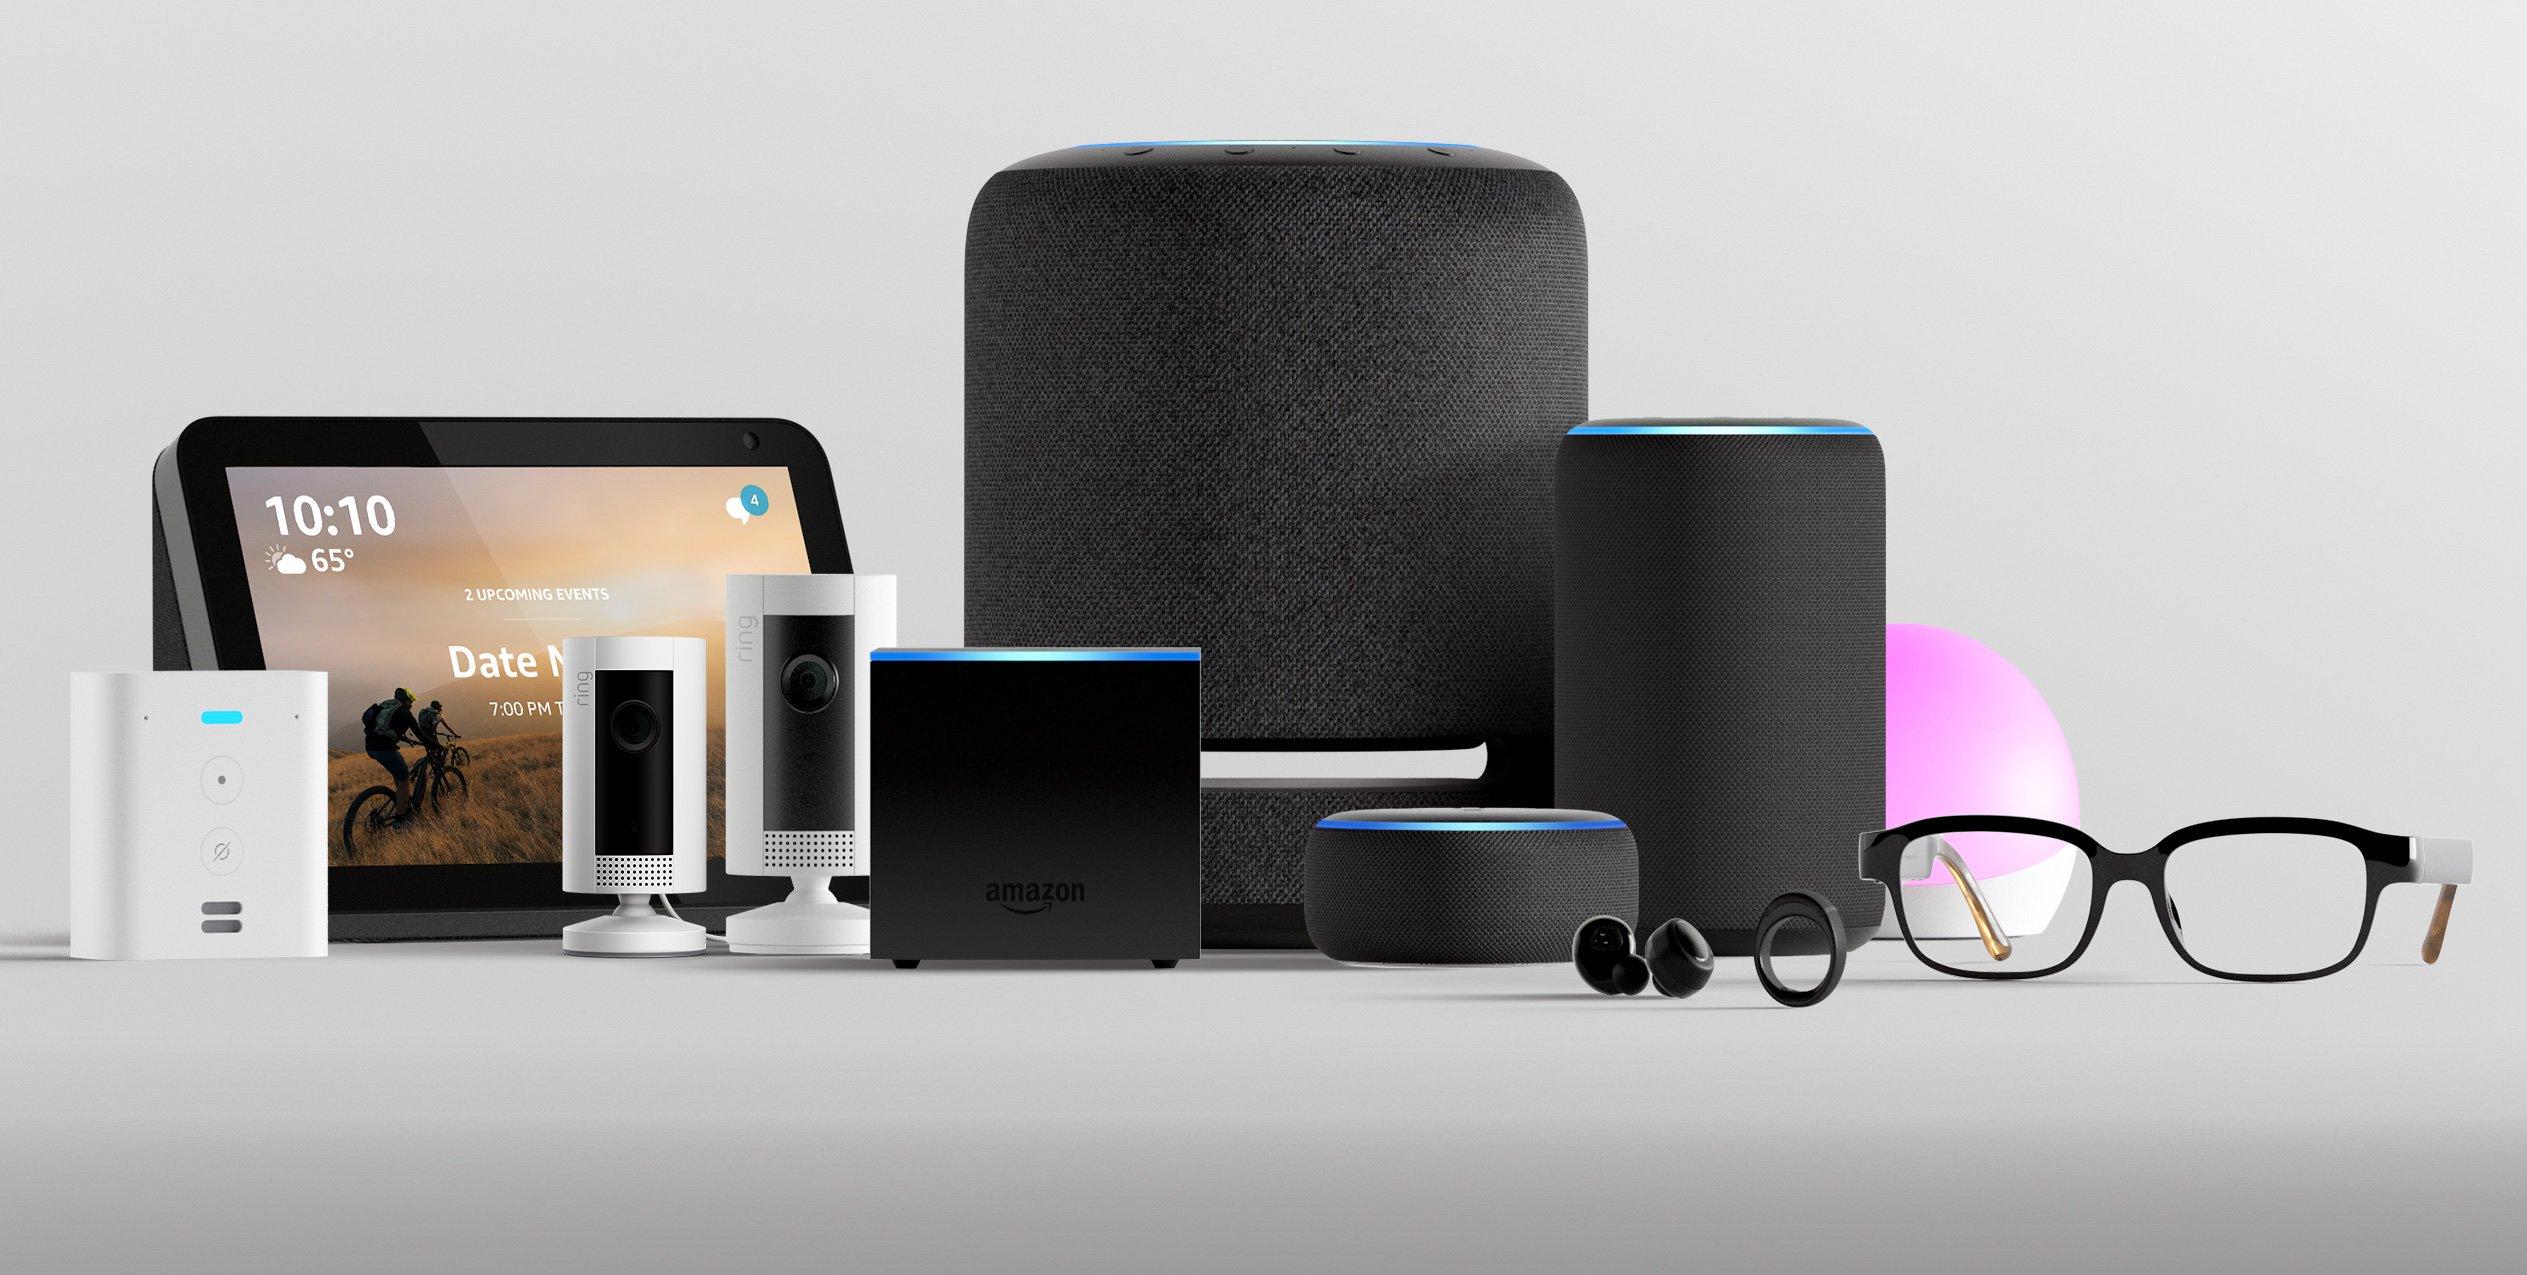 Tout ce qui a été annoncé par Amazon : une Alexa plus sensible, des lunettes intelligentes, de nouveaux Echo, une bague connectée…